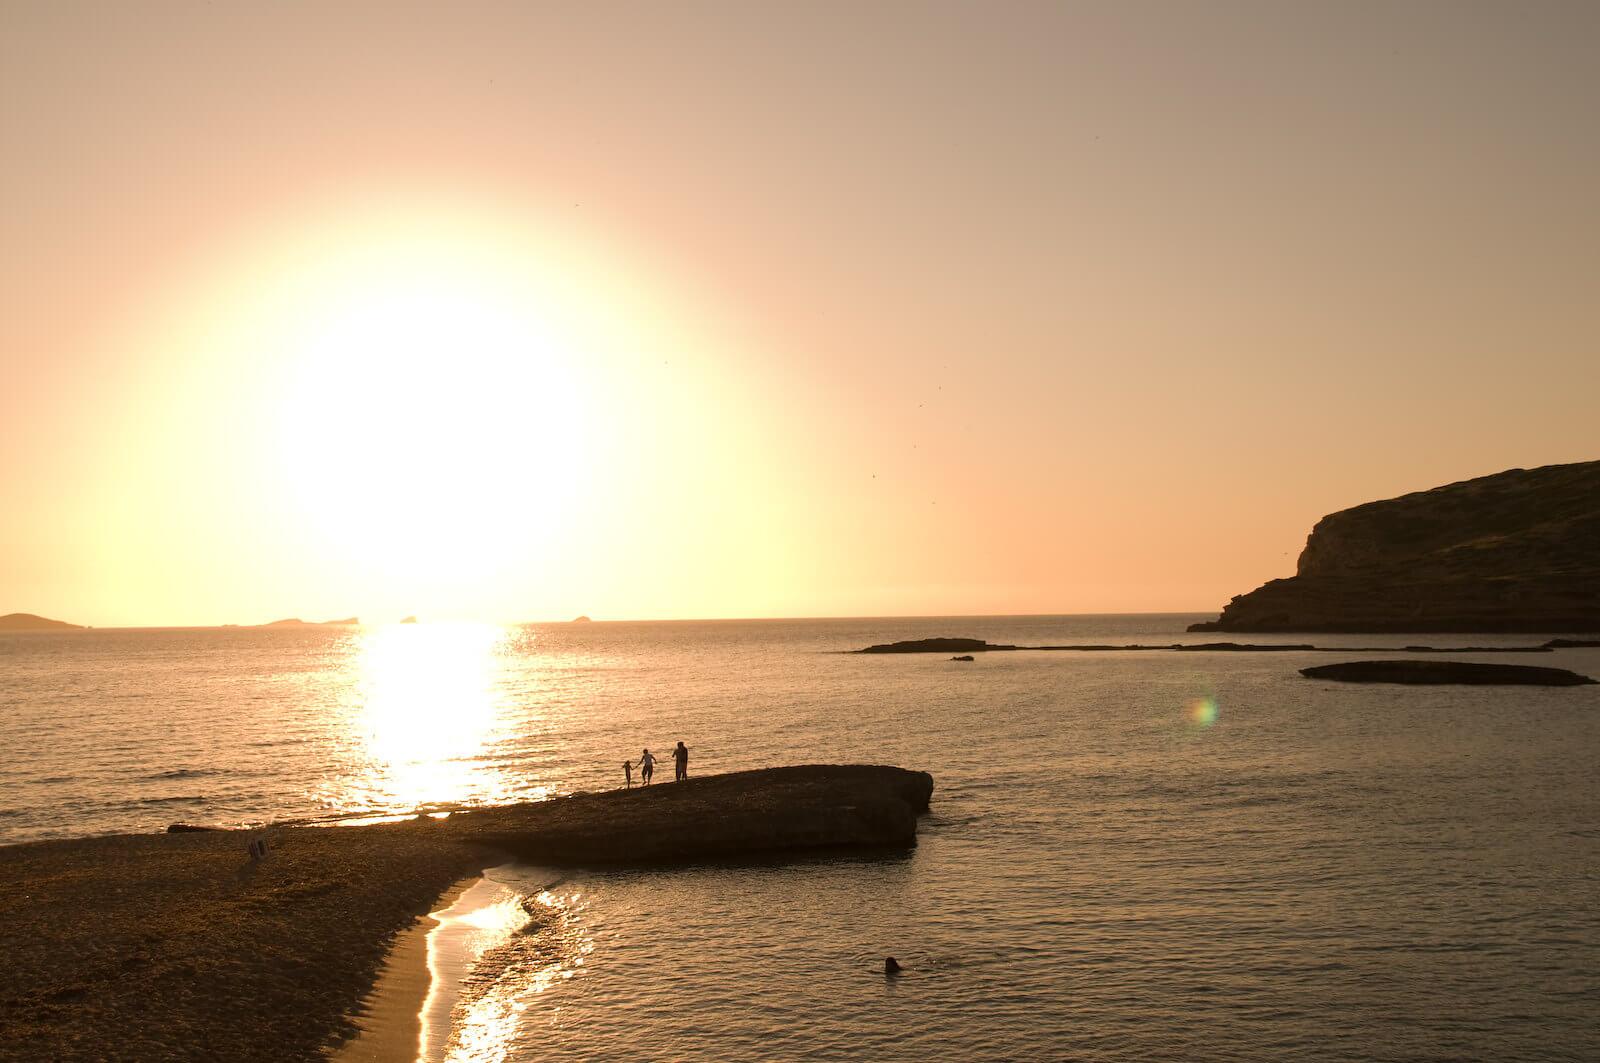 https://www.white-ibiza.com/wp-content/uploads/2020/03/ibiza-sunsets-sunset-ashram-2020-03.jpg